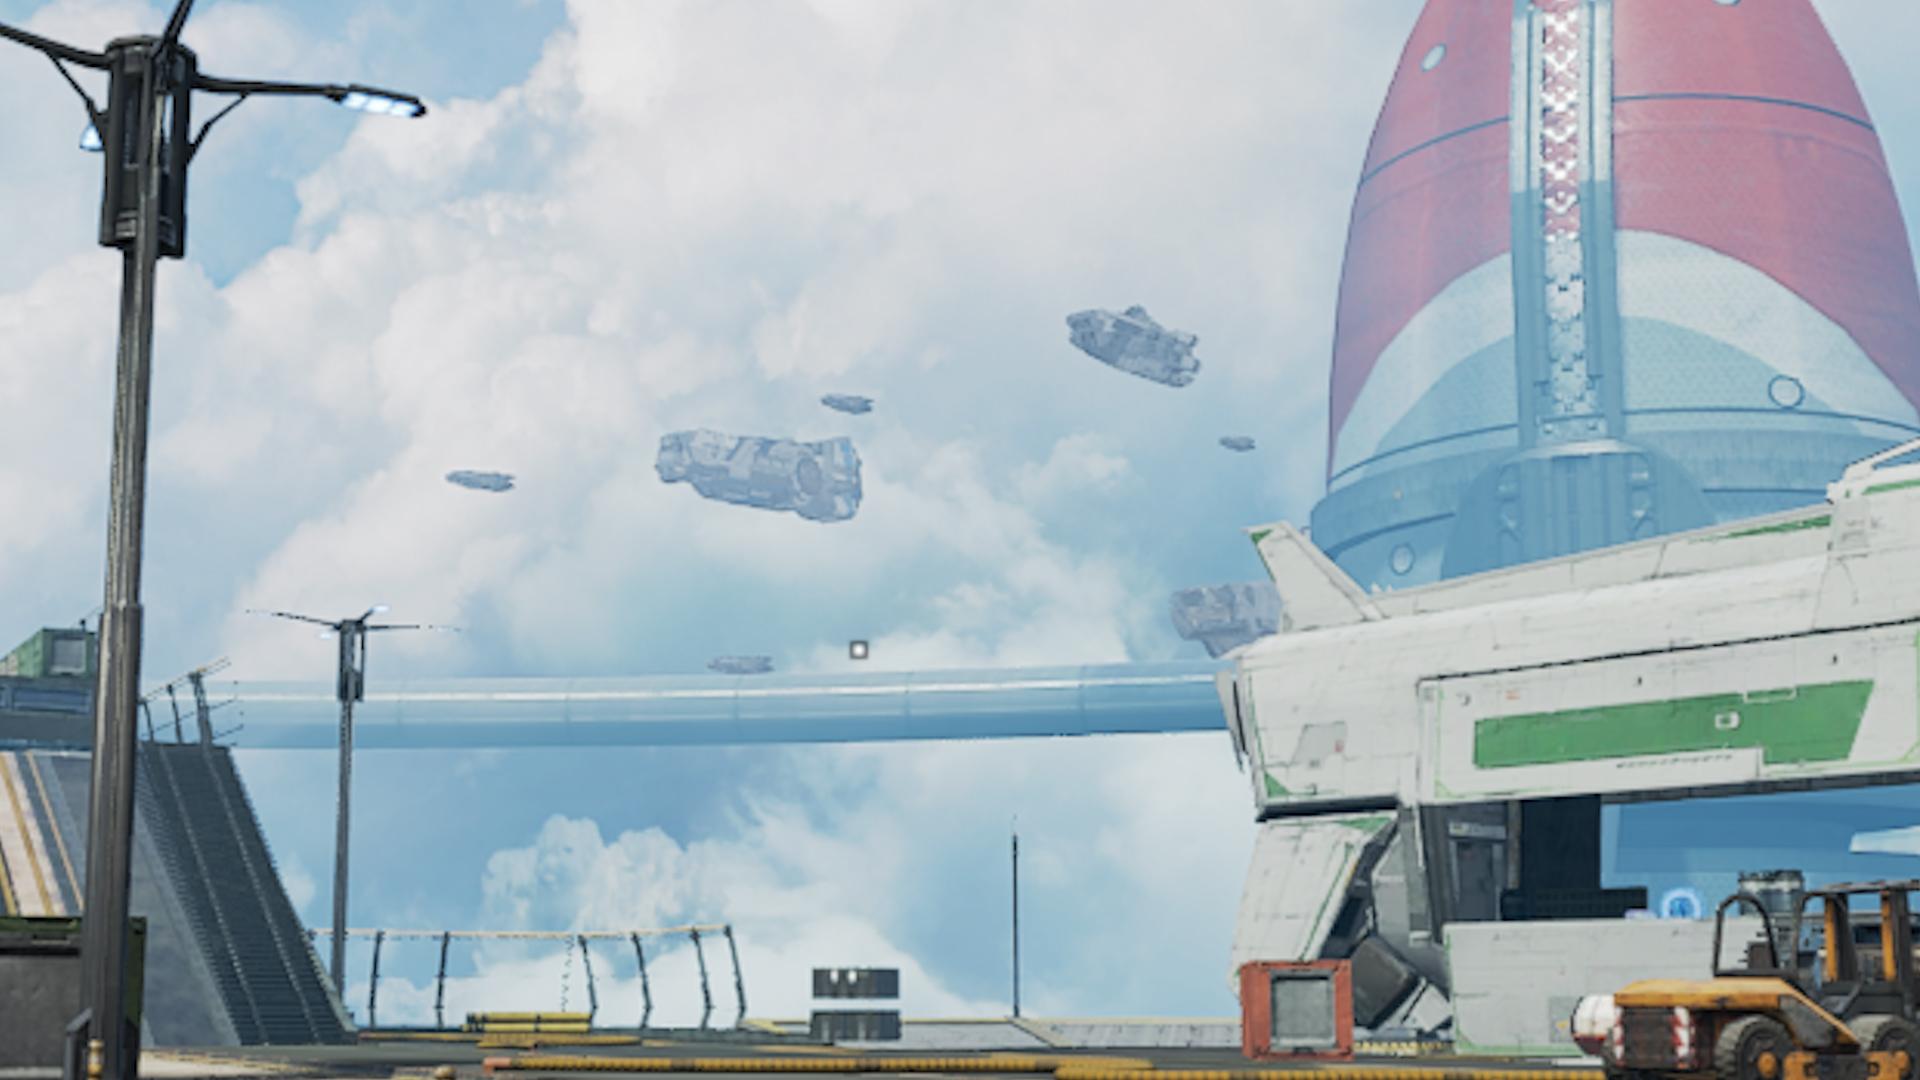 【APEX】オリンパスのマップ上空に「大量の船」が浮かんでいることが確認!!→シーズン9の伏線か!?